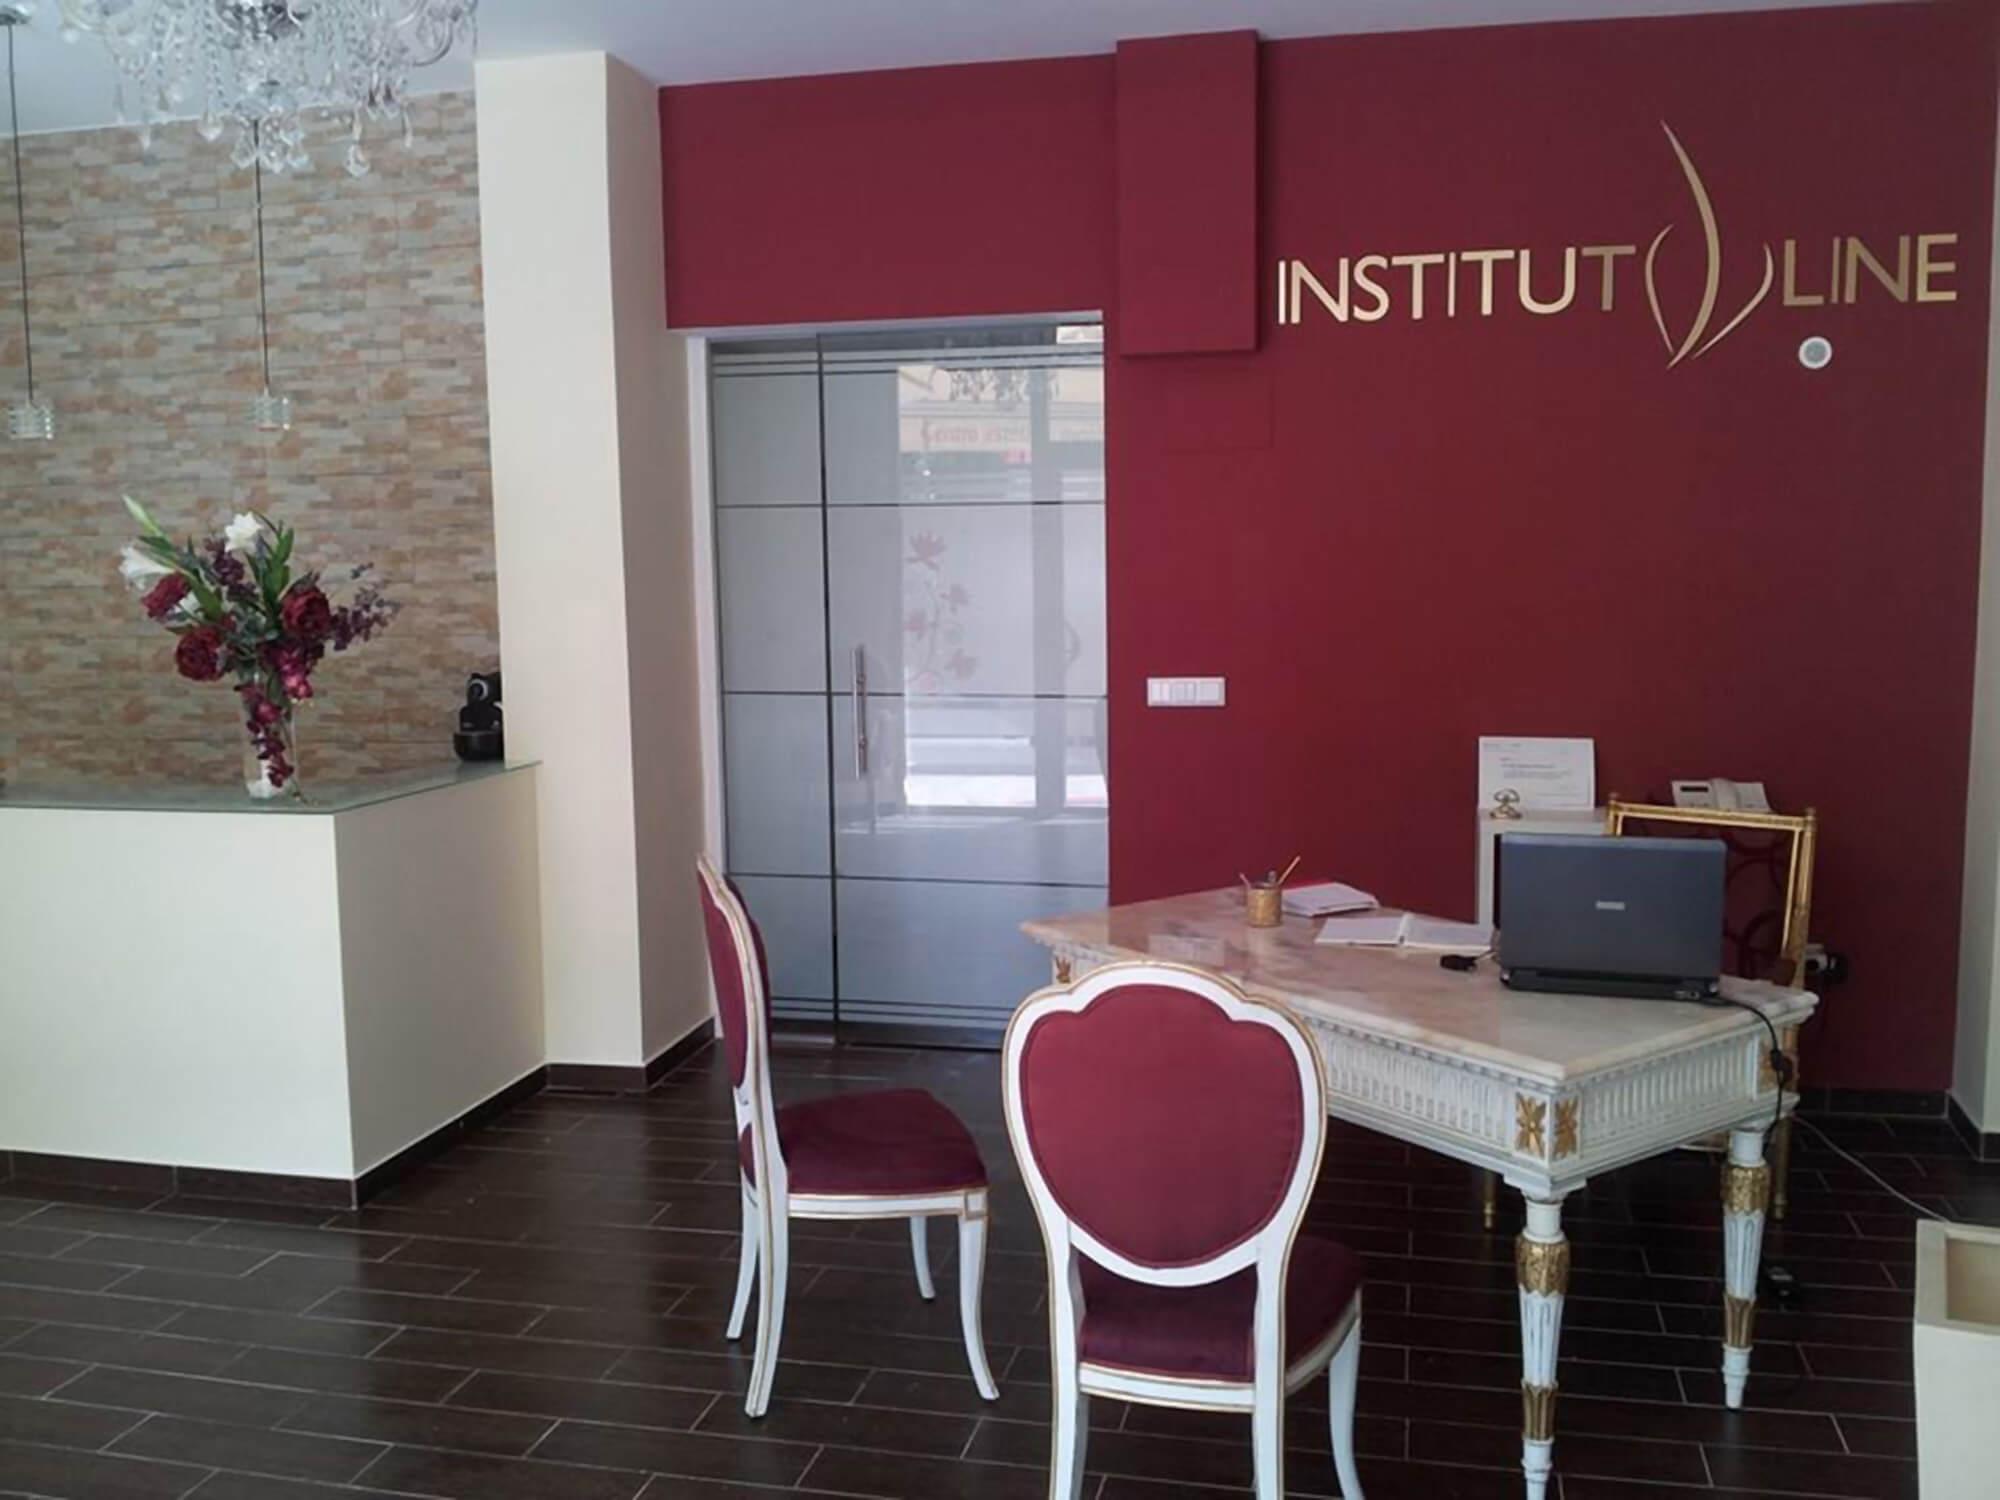 Institut Line se instala en pleno centro de la ciudad